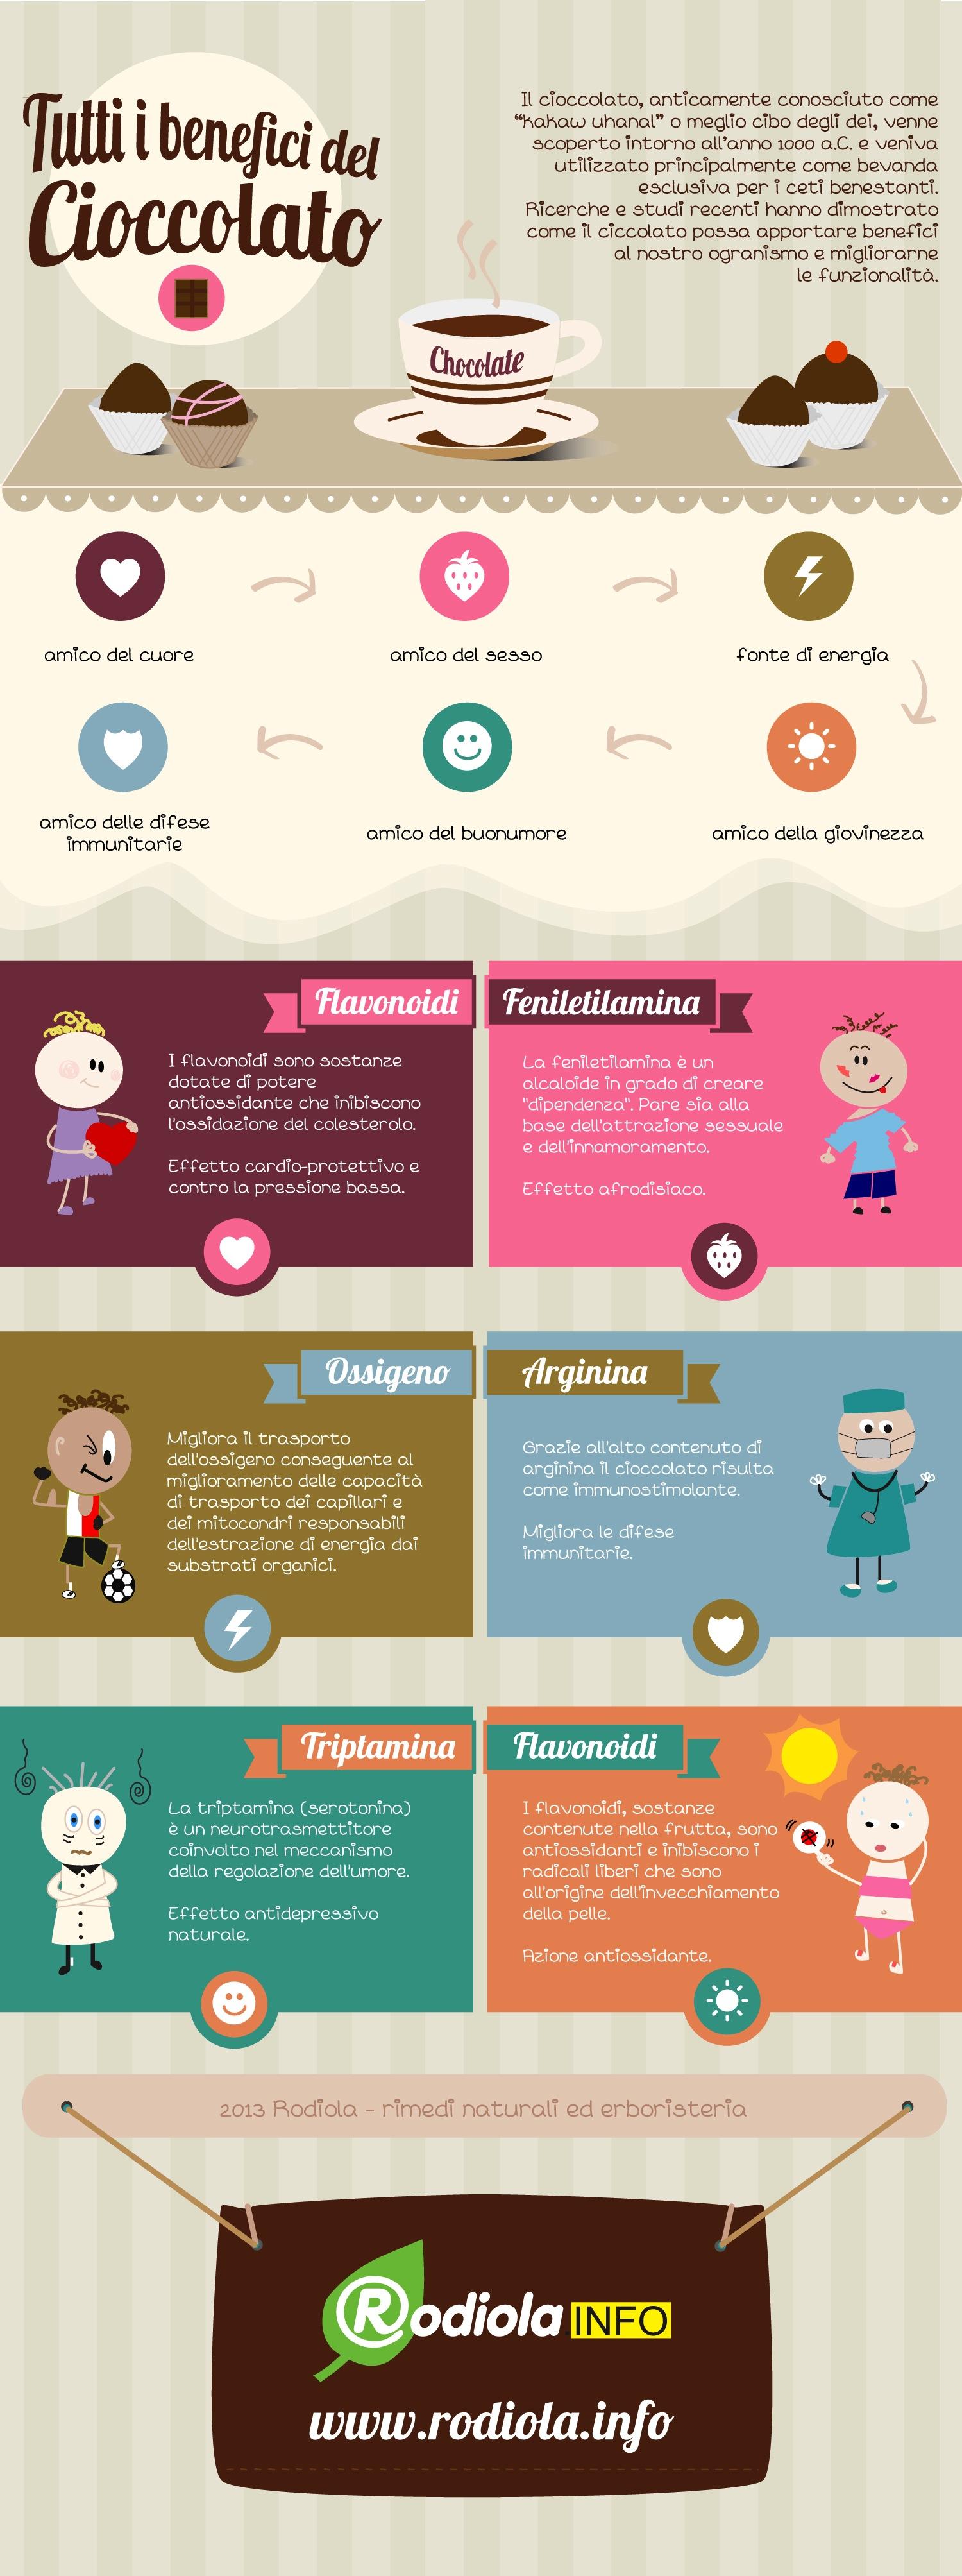 Benefici del Cioccolato - Rodiola